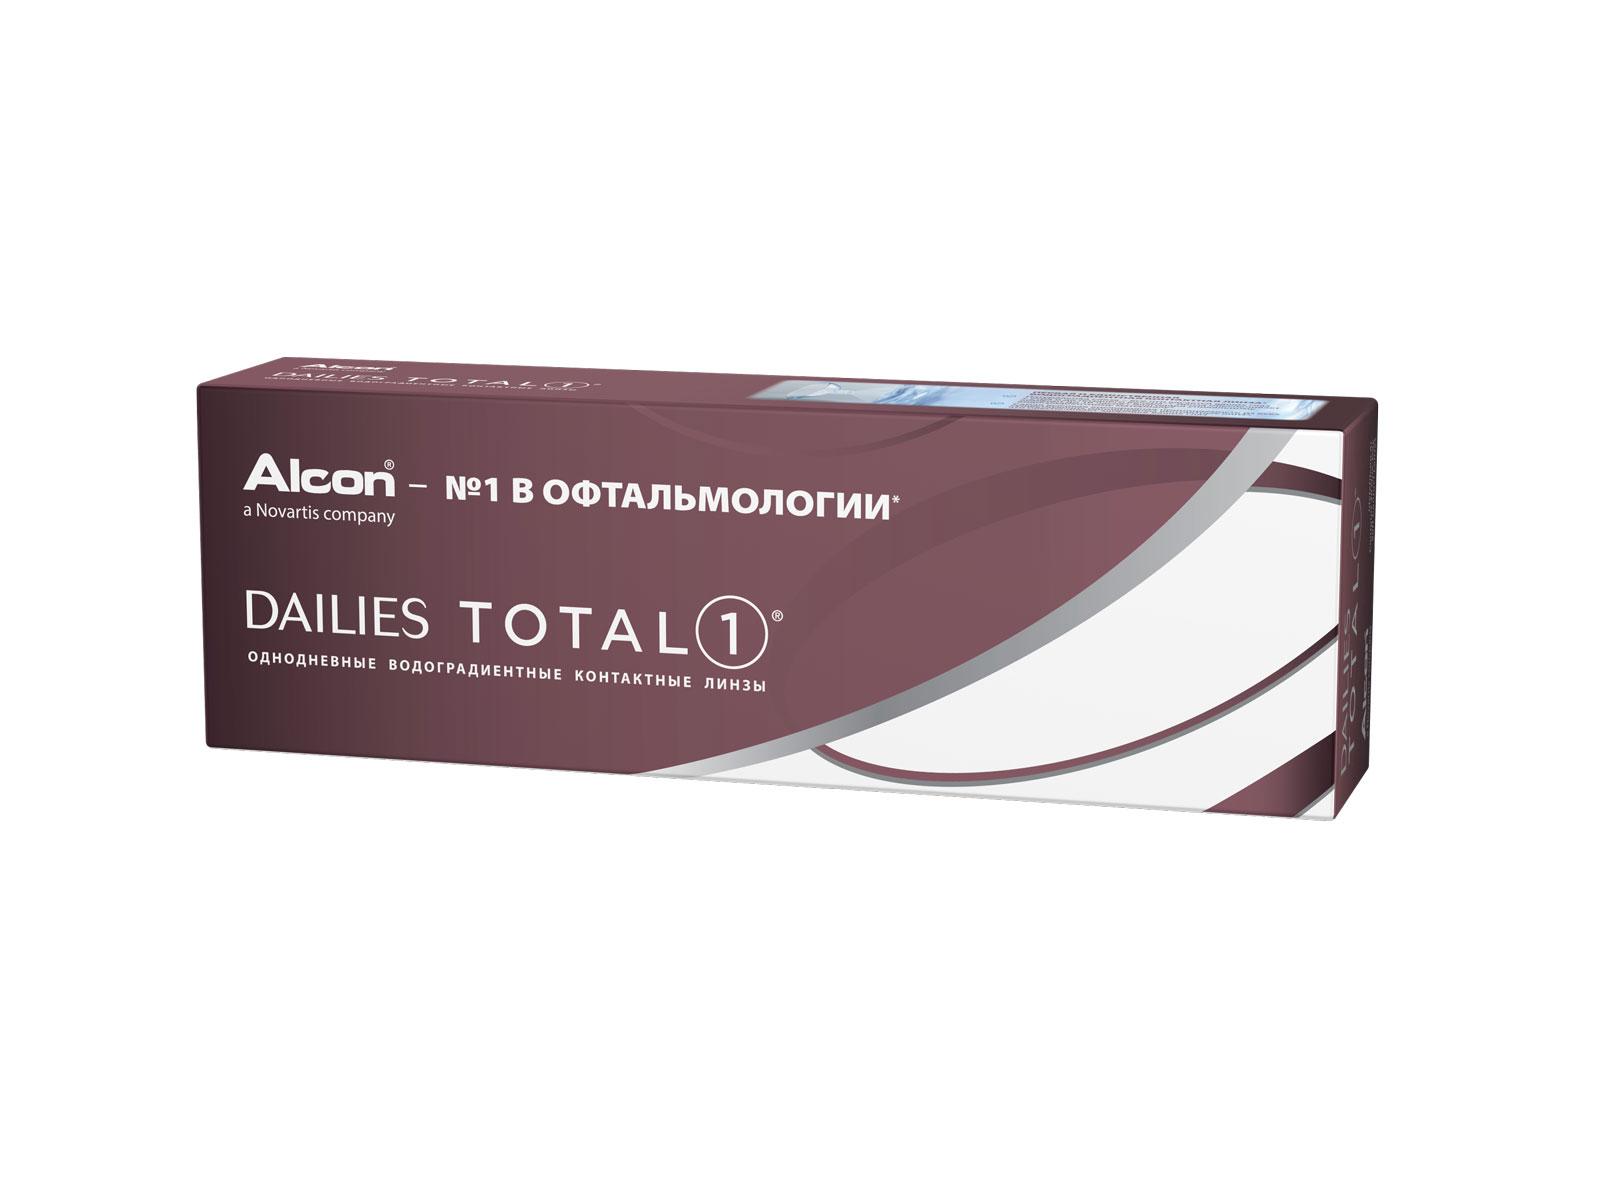 Alcon контактные линзы Dailies Total 1 30pk /+1.00 / 8.5 / 14.1100046261Dailies Total 1 – линзы, которые не чувствуешь с утра и до поздного вечера. Эти однодневные контактные линзы выполнены из уникального водоградиентного материала, багодаря которому натуральная слеза – это все, что касается ваших глаз. Почти 100% влаги на поверхности обеспечивают непревзойденный комфорт до 16 часов ношения.